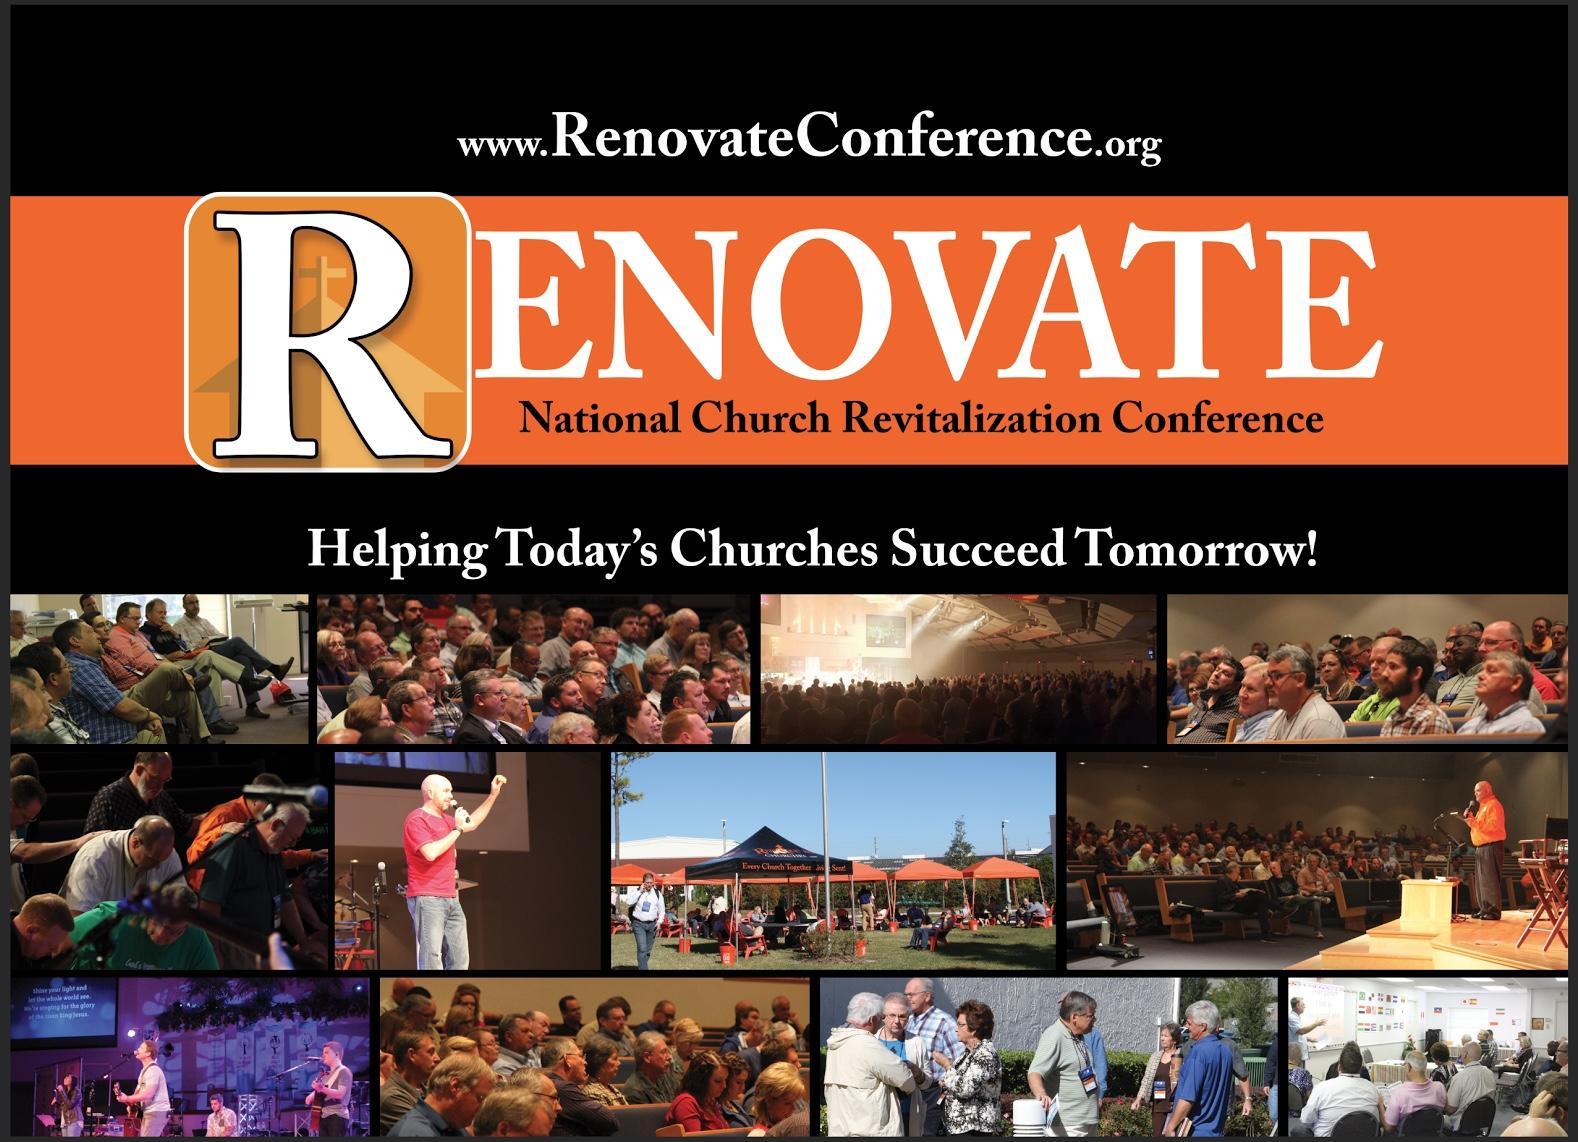 Renovate Church Revitalization Conference